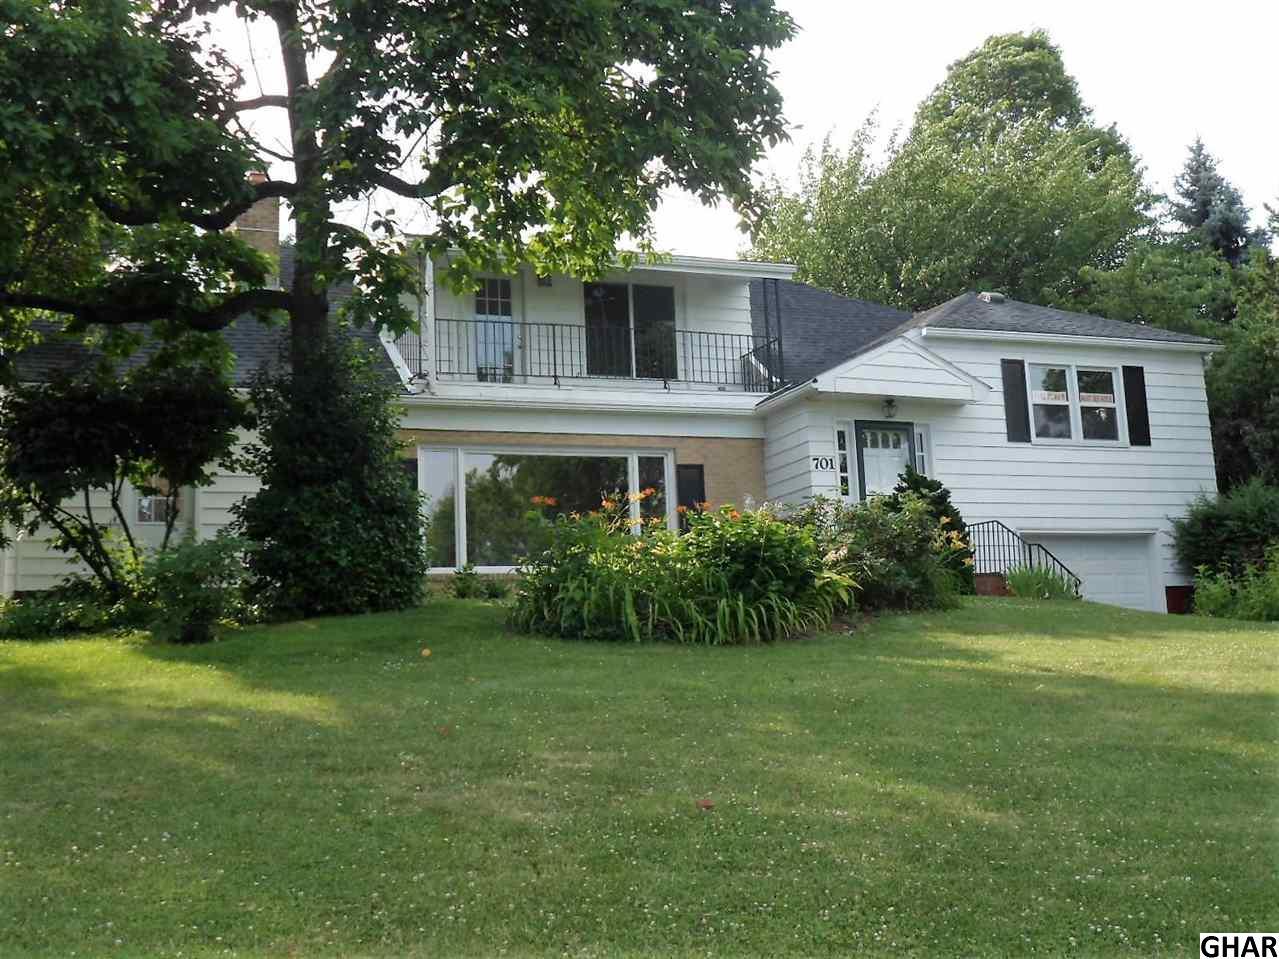 701 Ohio Ave, Lemoyne, PA 17043